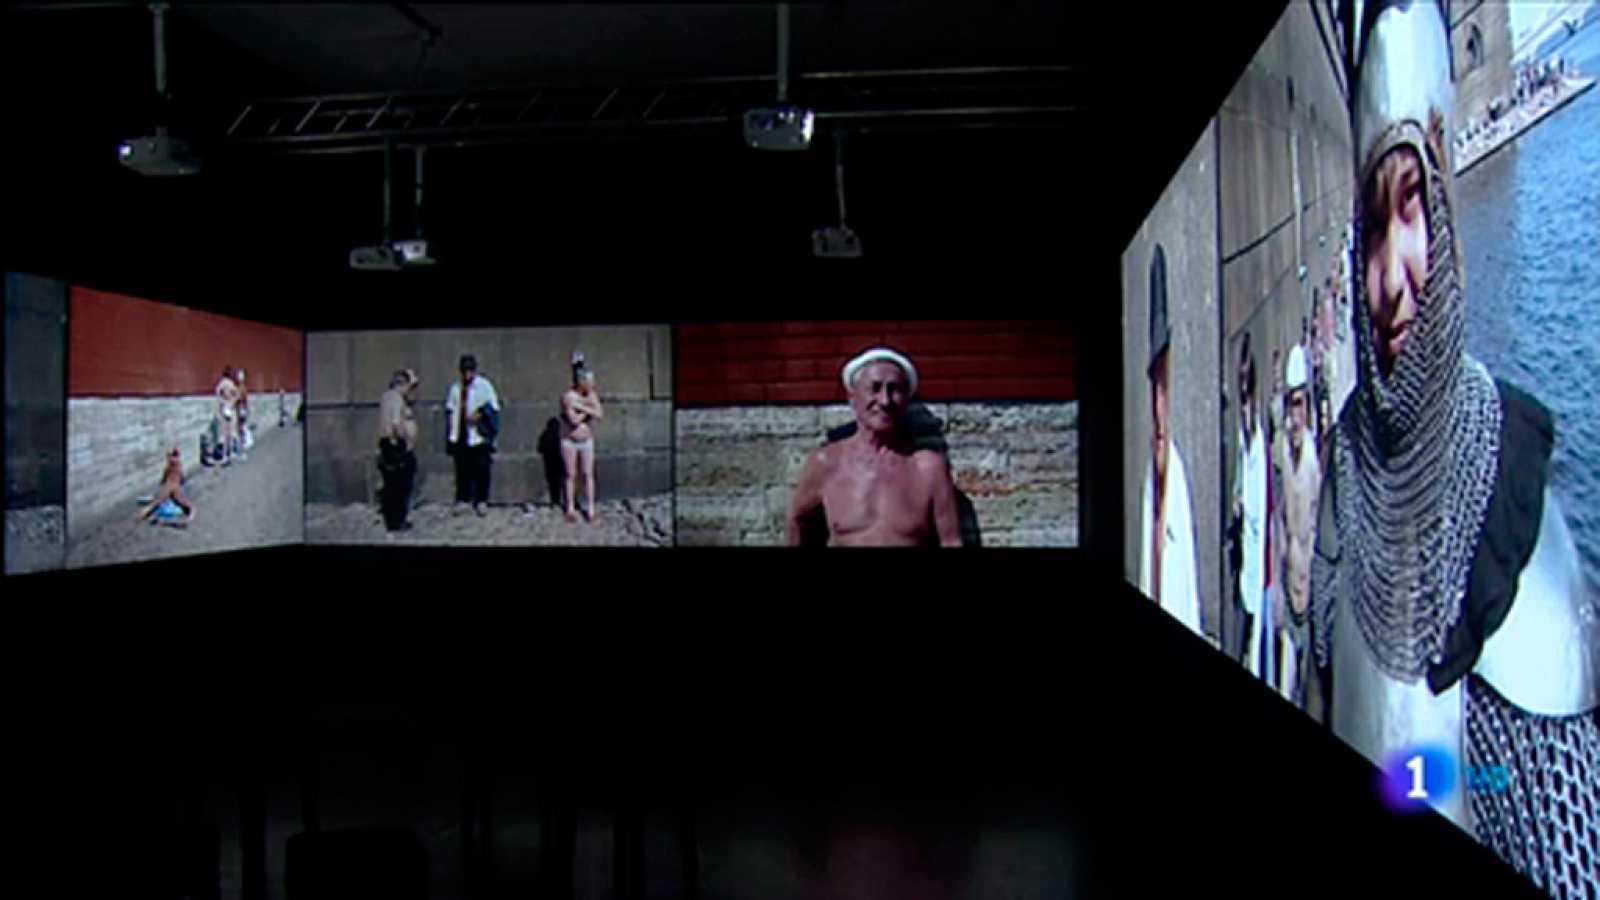 El cineasta Isaki Lacuesta nos descubre su faceta como artista visual en Barcelona